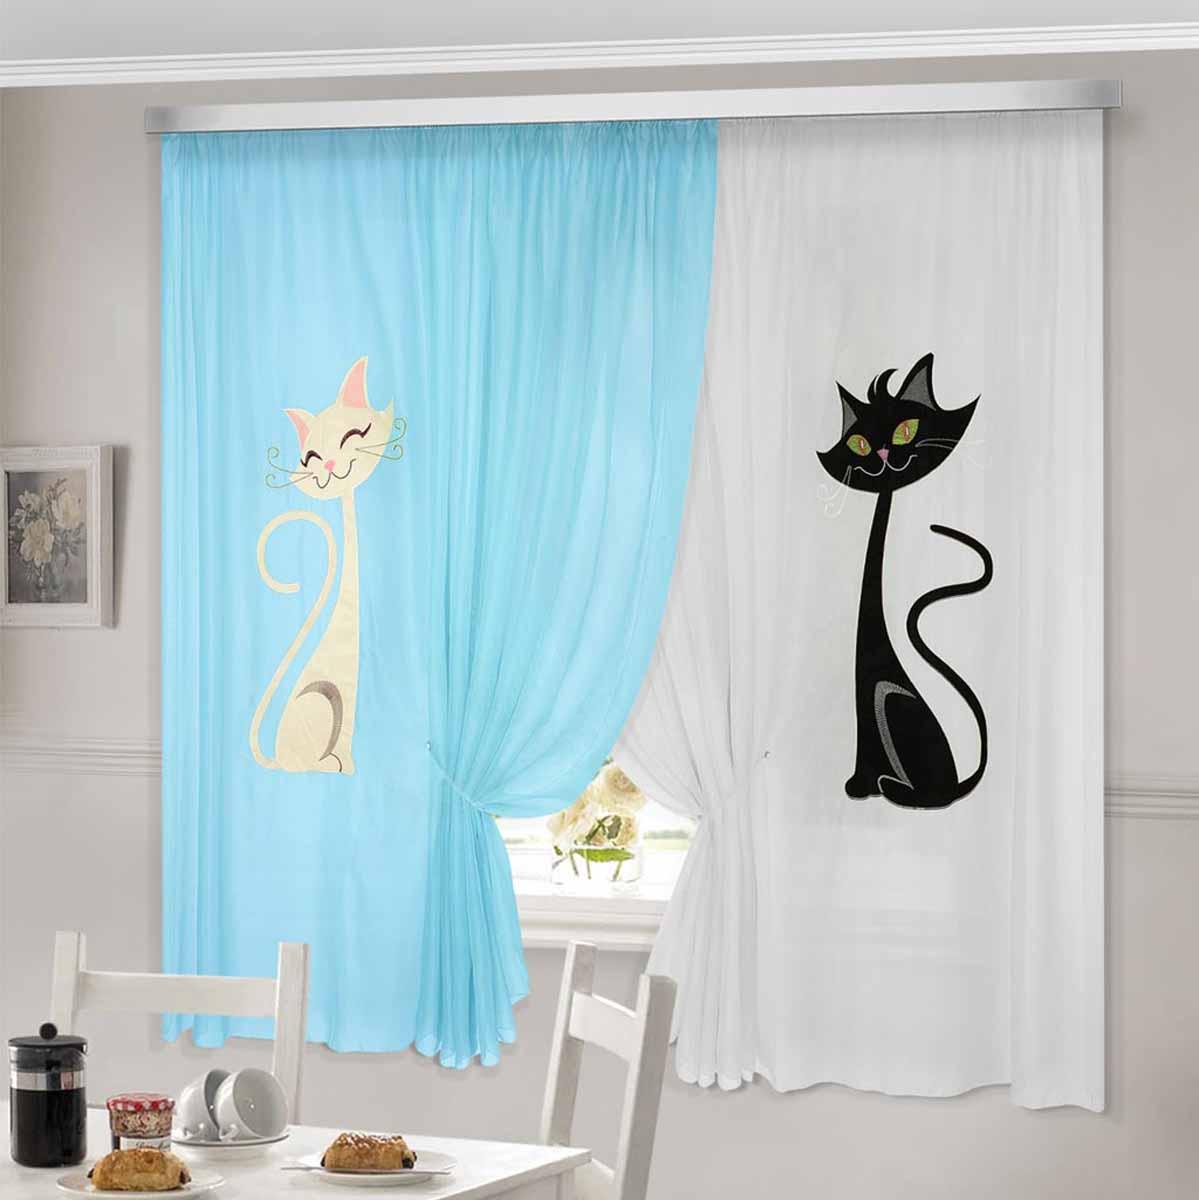 Комплект штор ТД Текстиль Кэти, на ленте, цвет: голубой, белый, высота 180 см92335Шторы выполнены из вуалевого полотна с аппликацией в виде кошек. Стирать аккуратно, не более 30-40 градусов. Цвета в ассортименте.